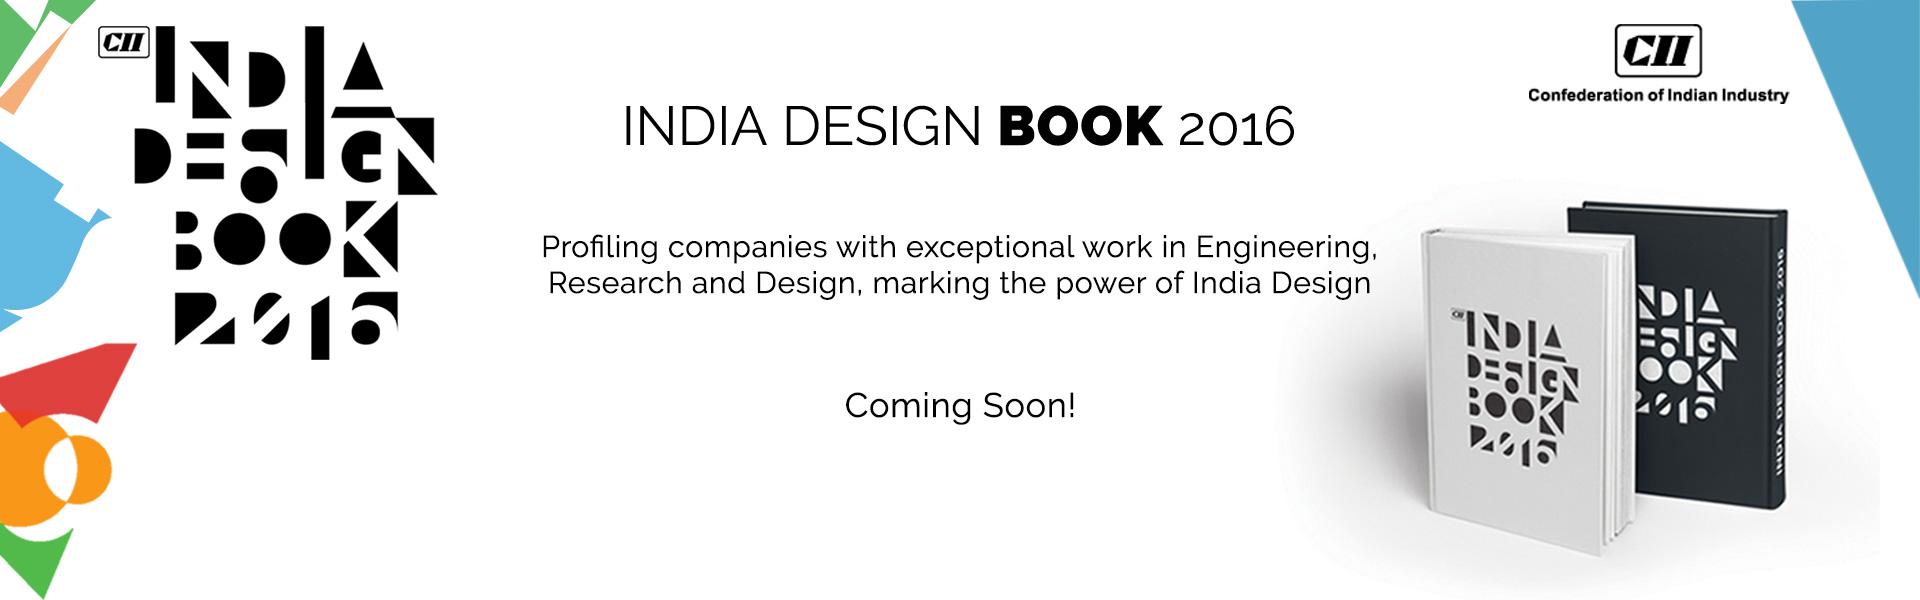 India-Design-Book-2016